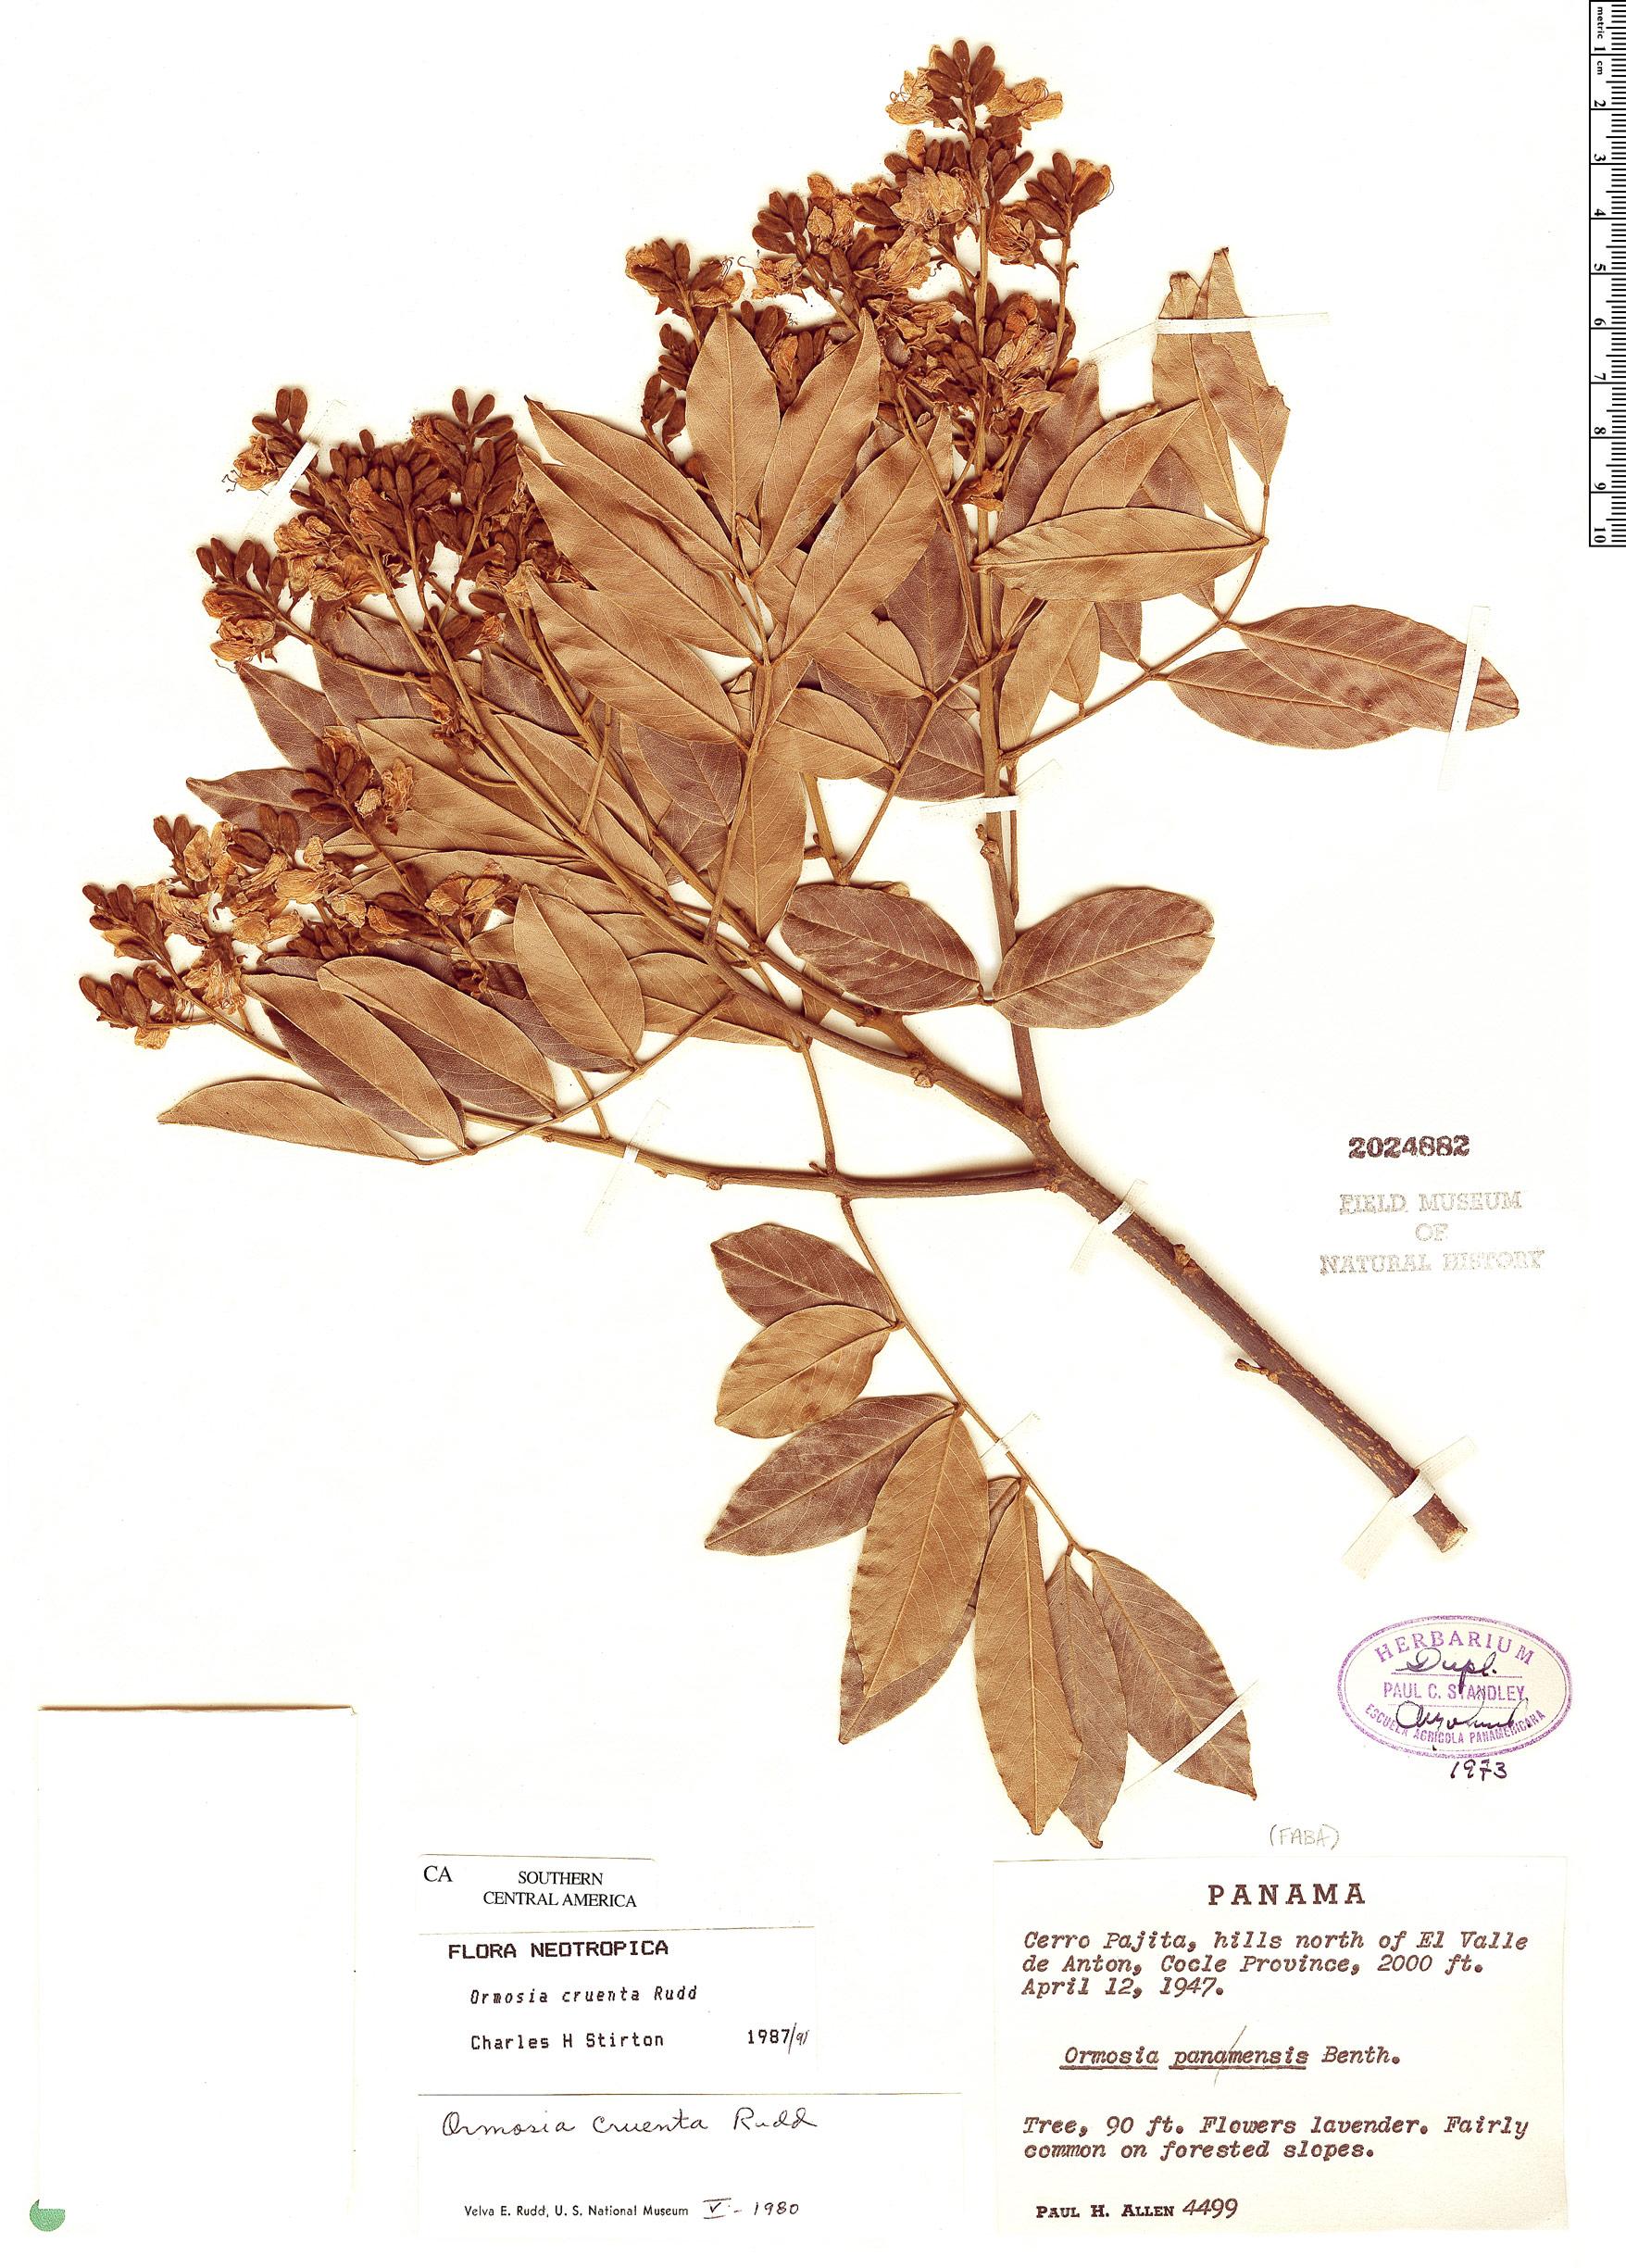 Specimen: Ormosia cruenta